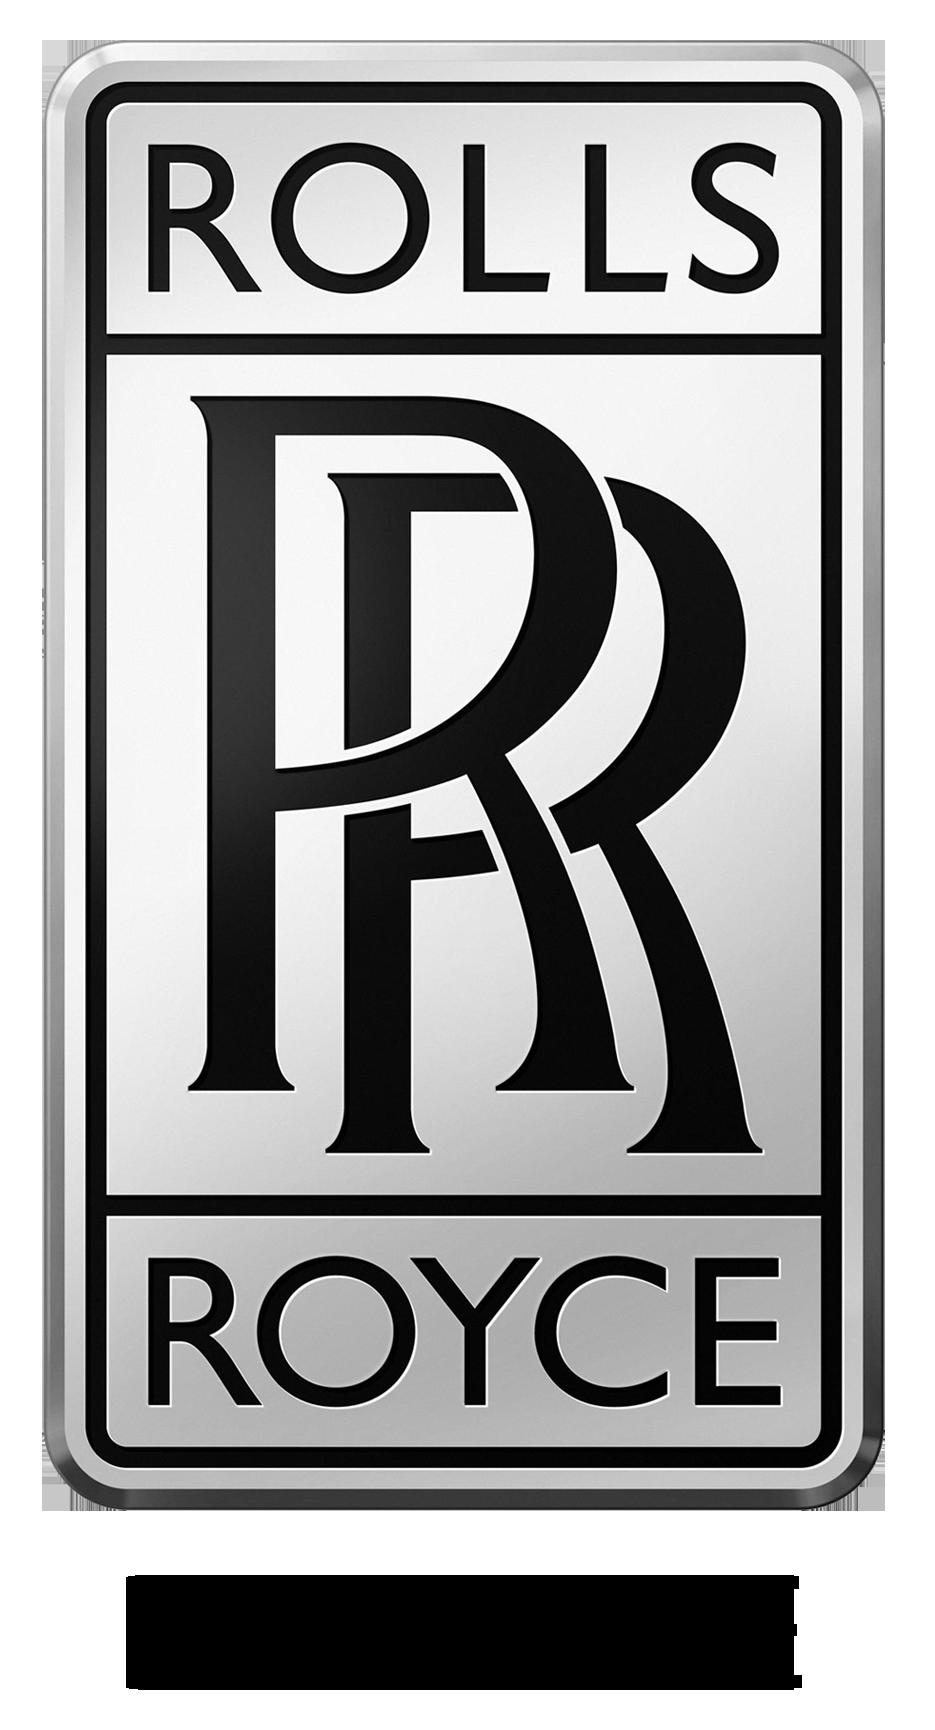 ROLLS ROYCE BELLEVUE_LOGO 02 shaded.png